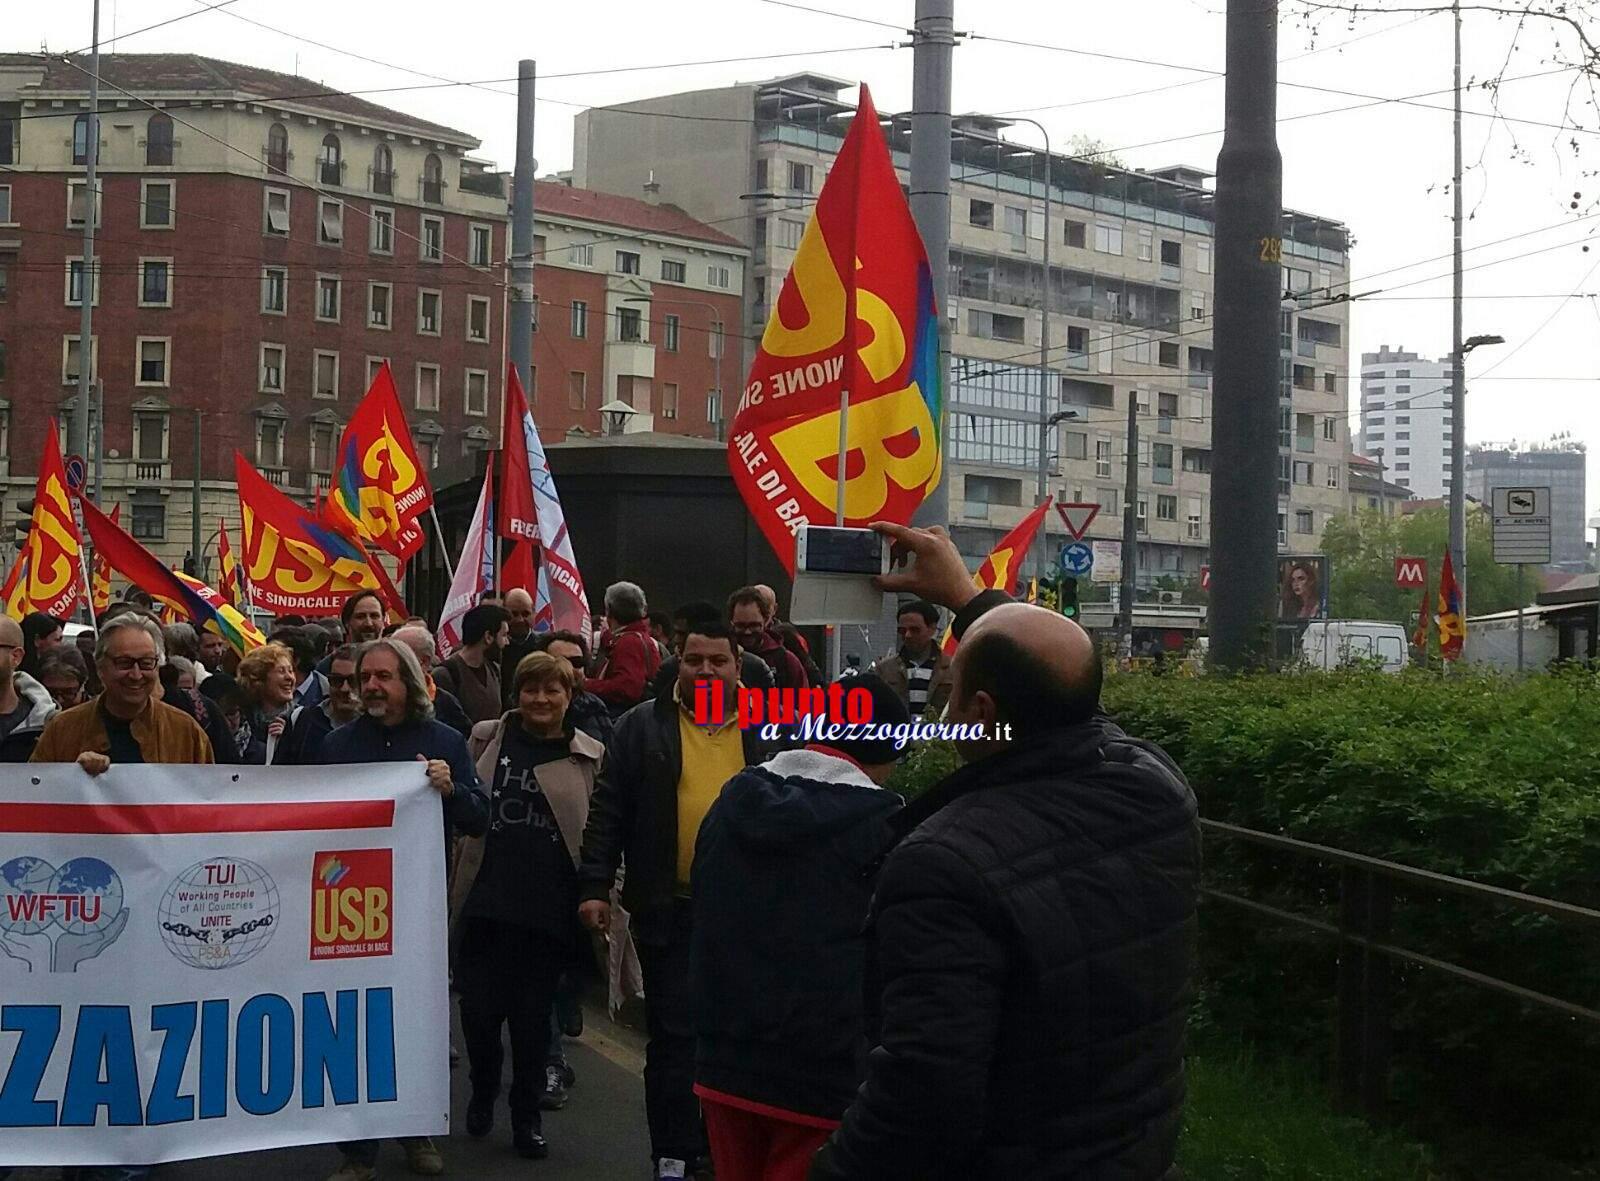 Venerdì 21 ottobre sciopero generale indetto da USB con iniziative e presidi in tutto il paese